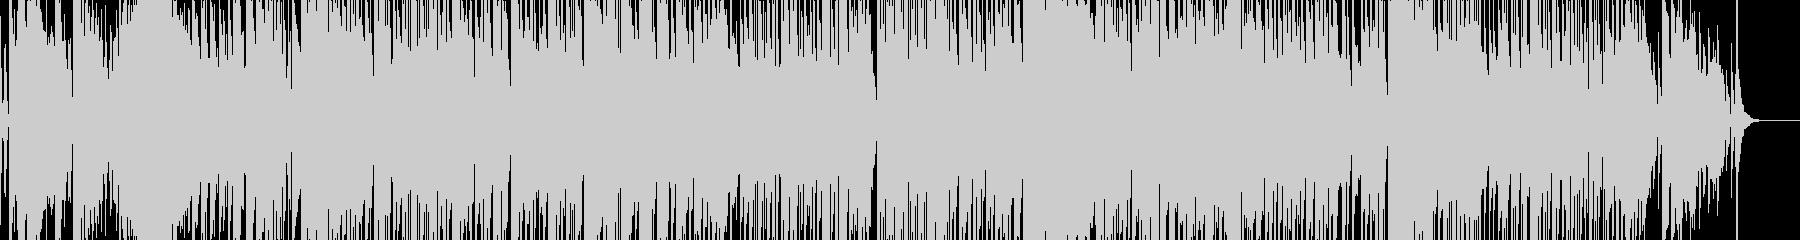 BGM 和楽器 琴 三味線 シンセの未再生の波形